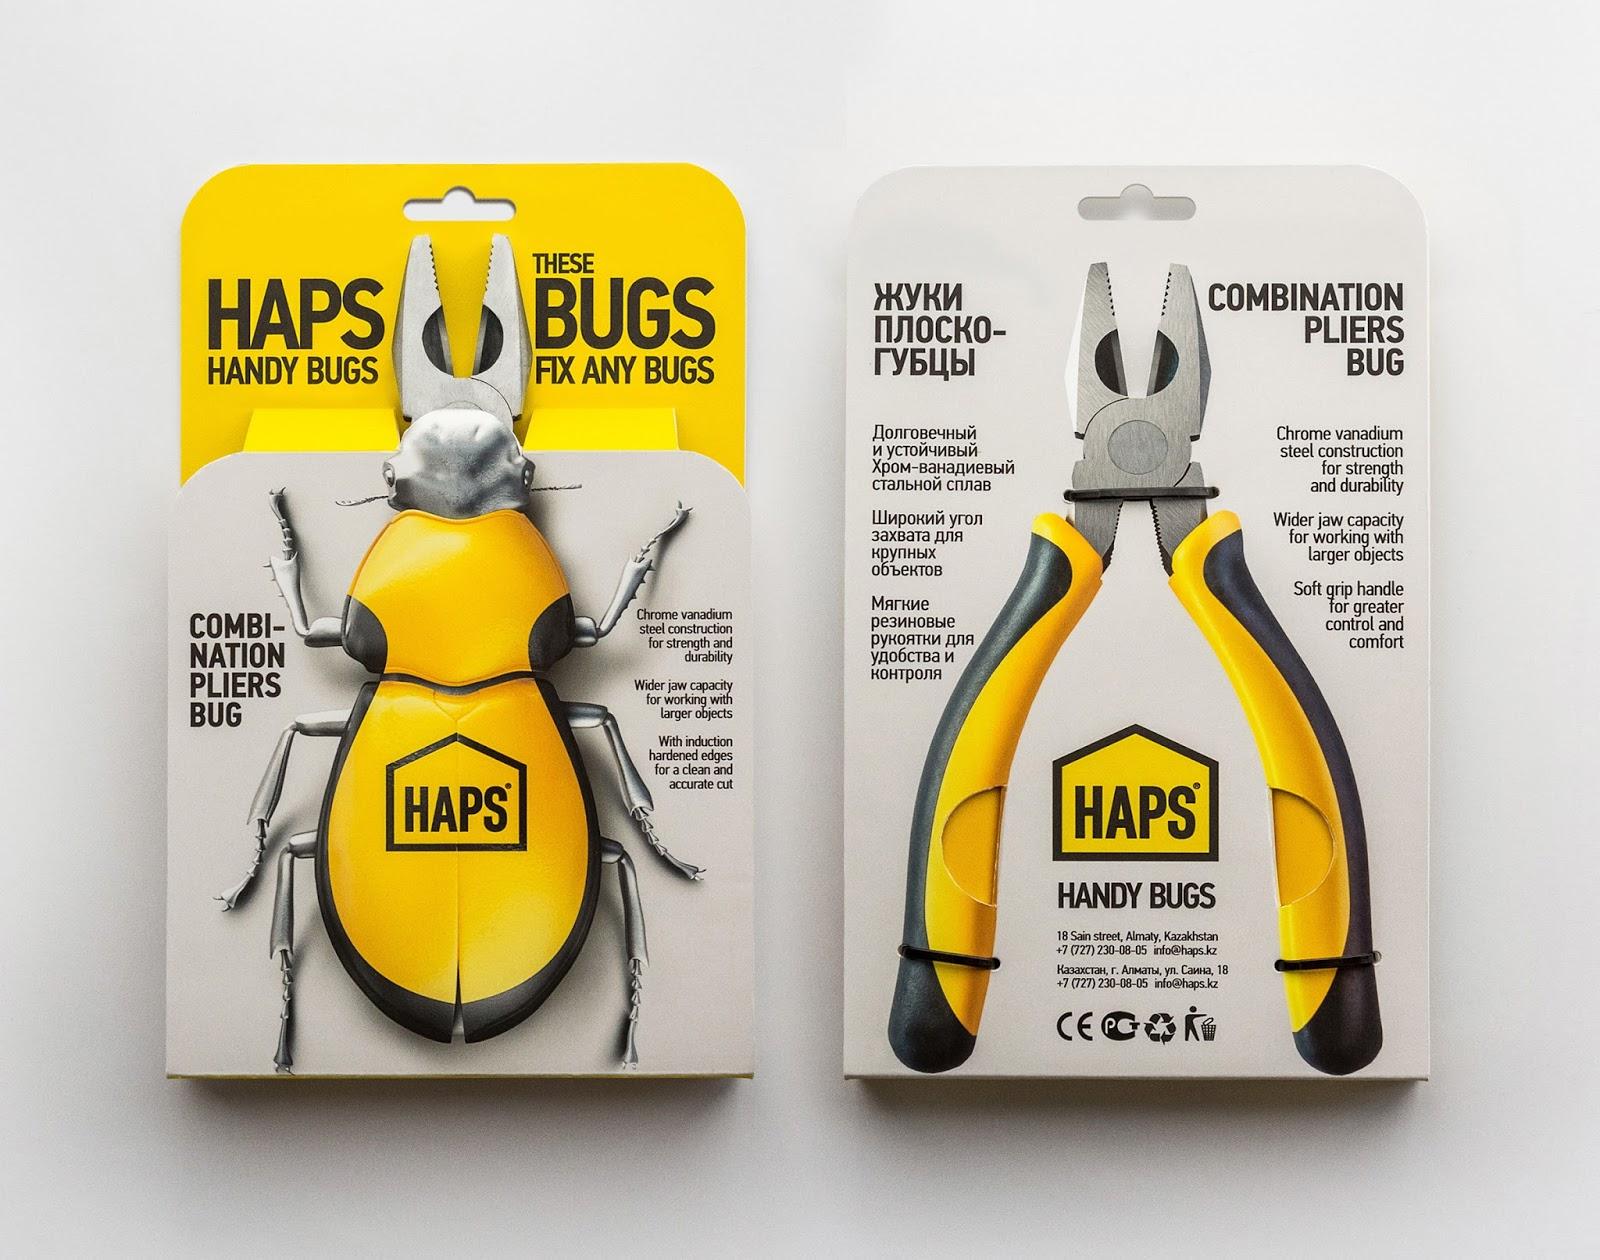 Thiết kế bao bì HAPS Bugs Kìm Handy